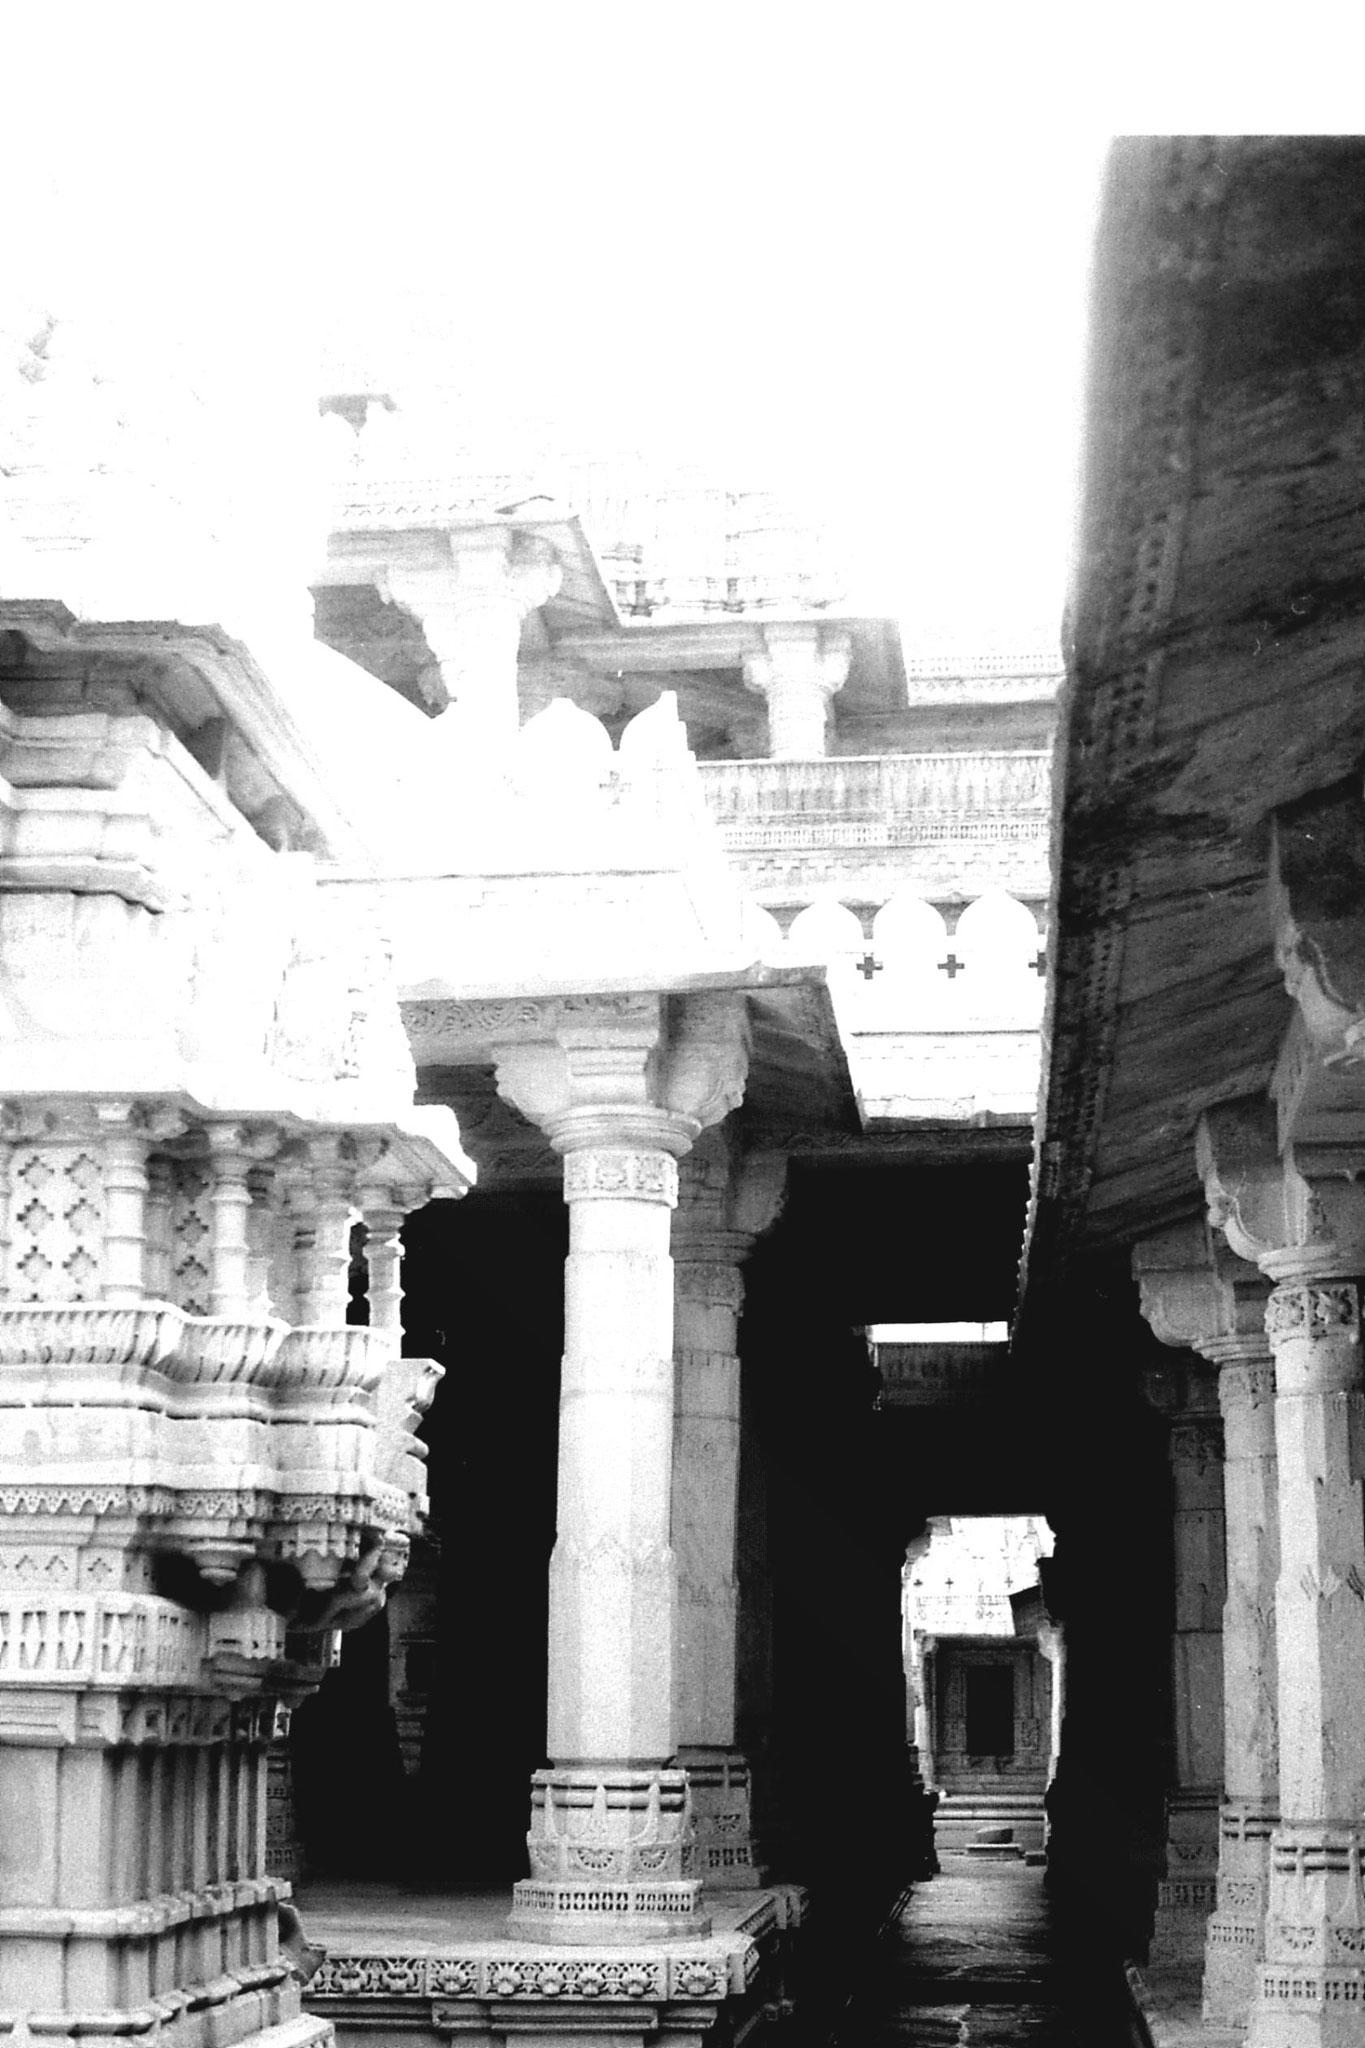 6/12/1989: 8: Ranakpur Jain temple